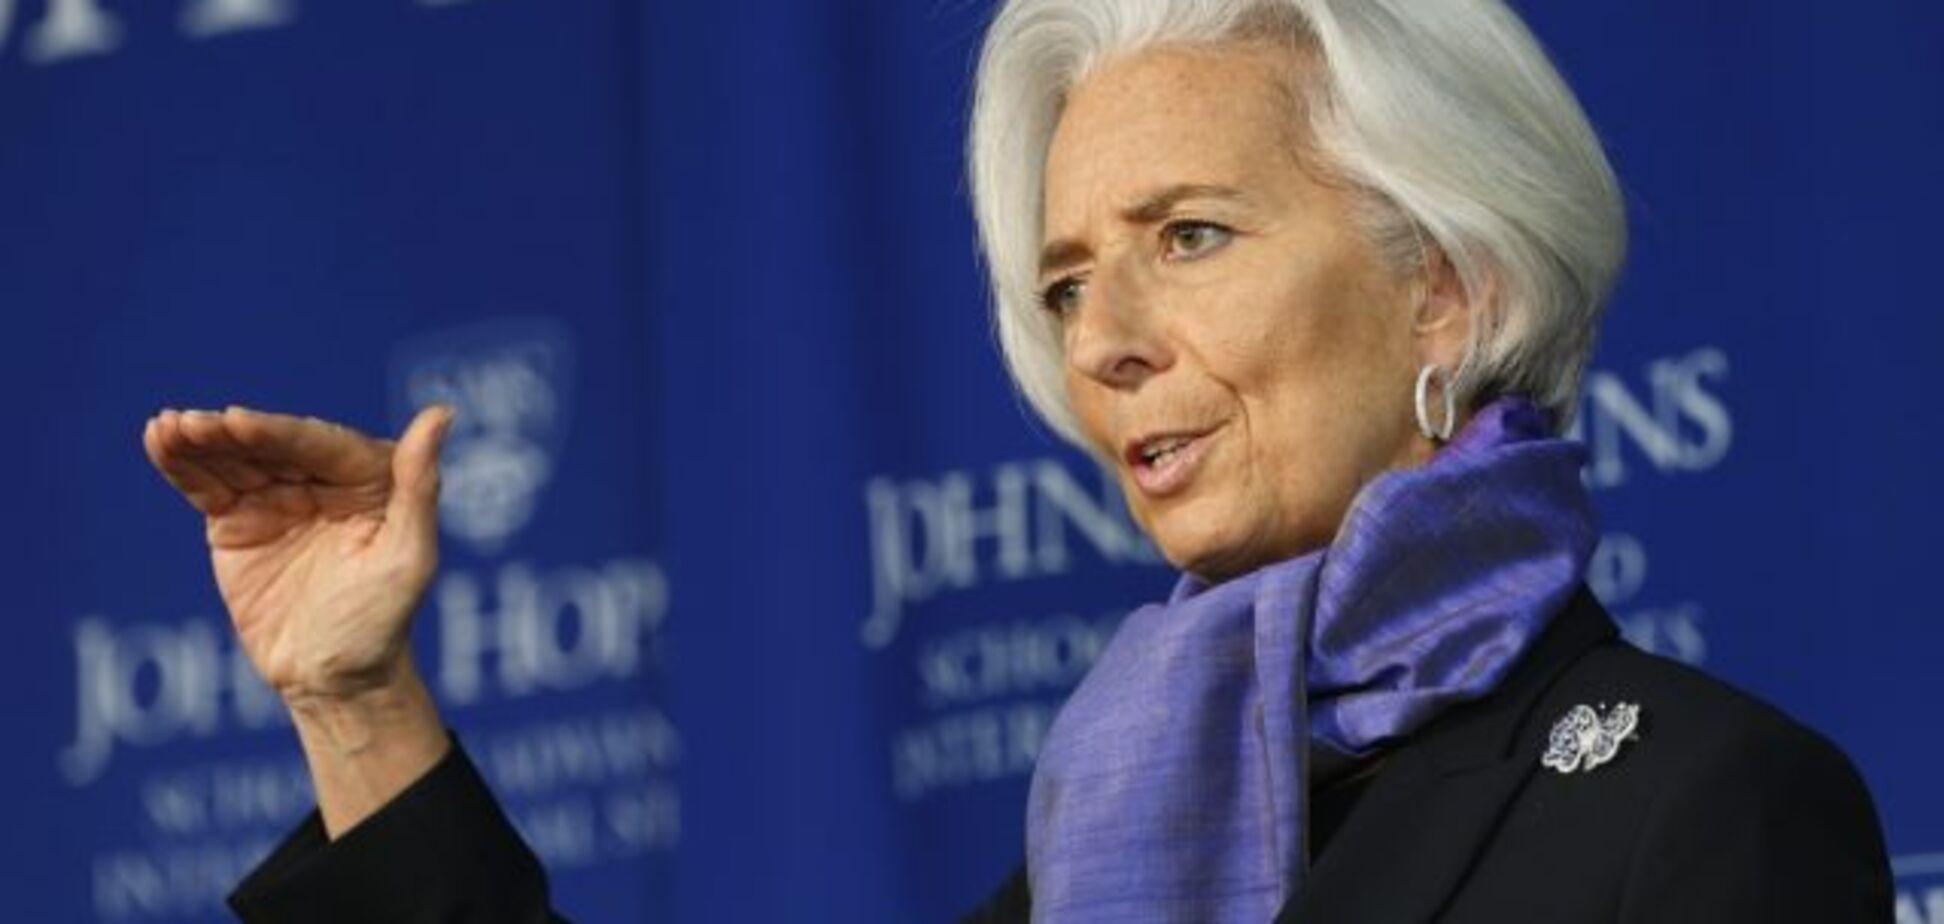 Из-за Трампа: МВФ предупредил об угрозе глобального кризиса